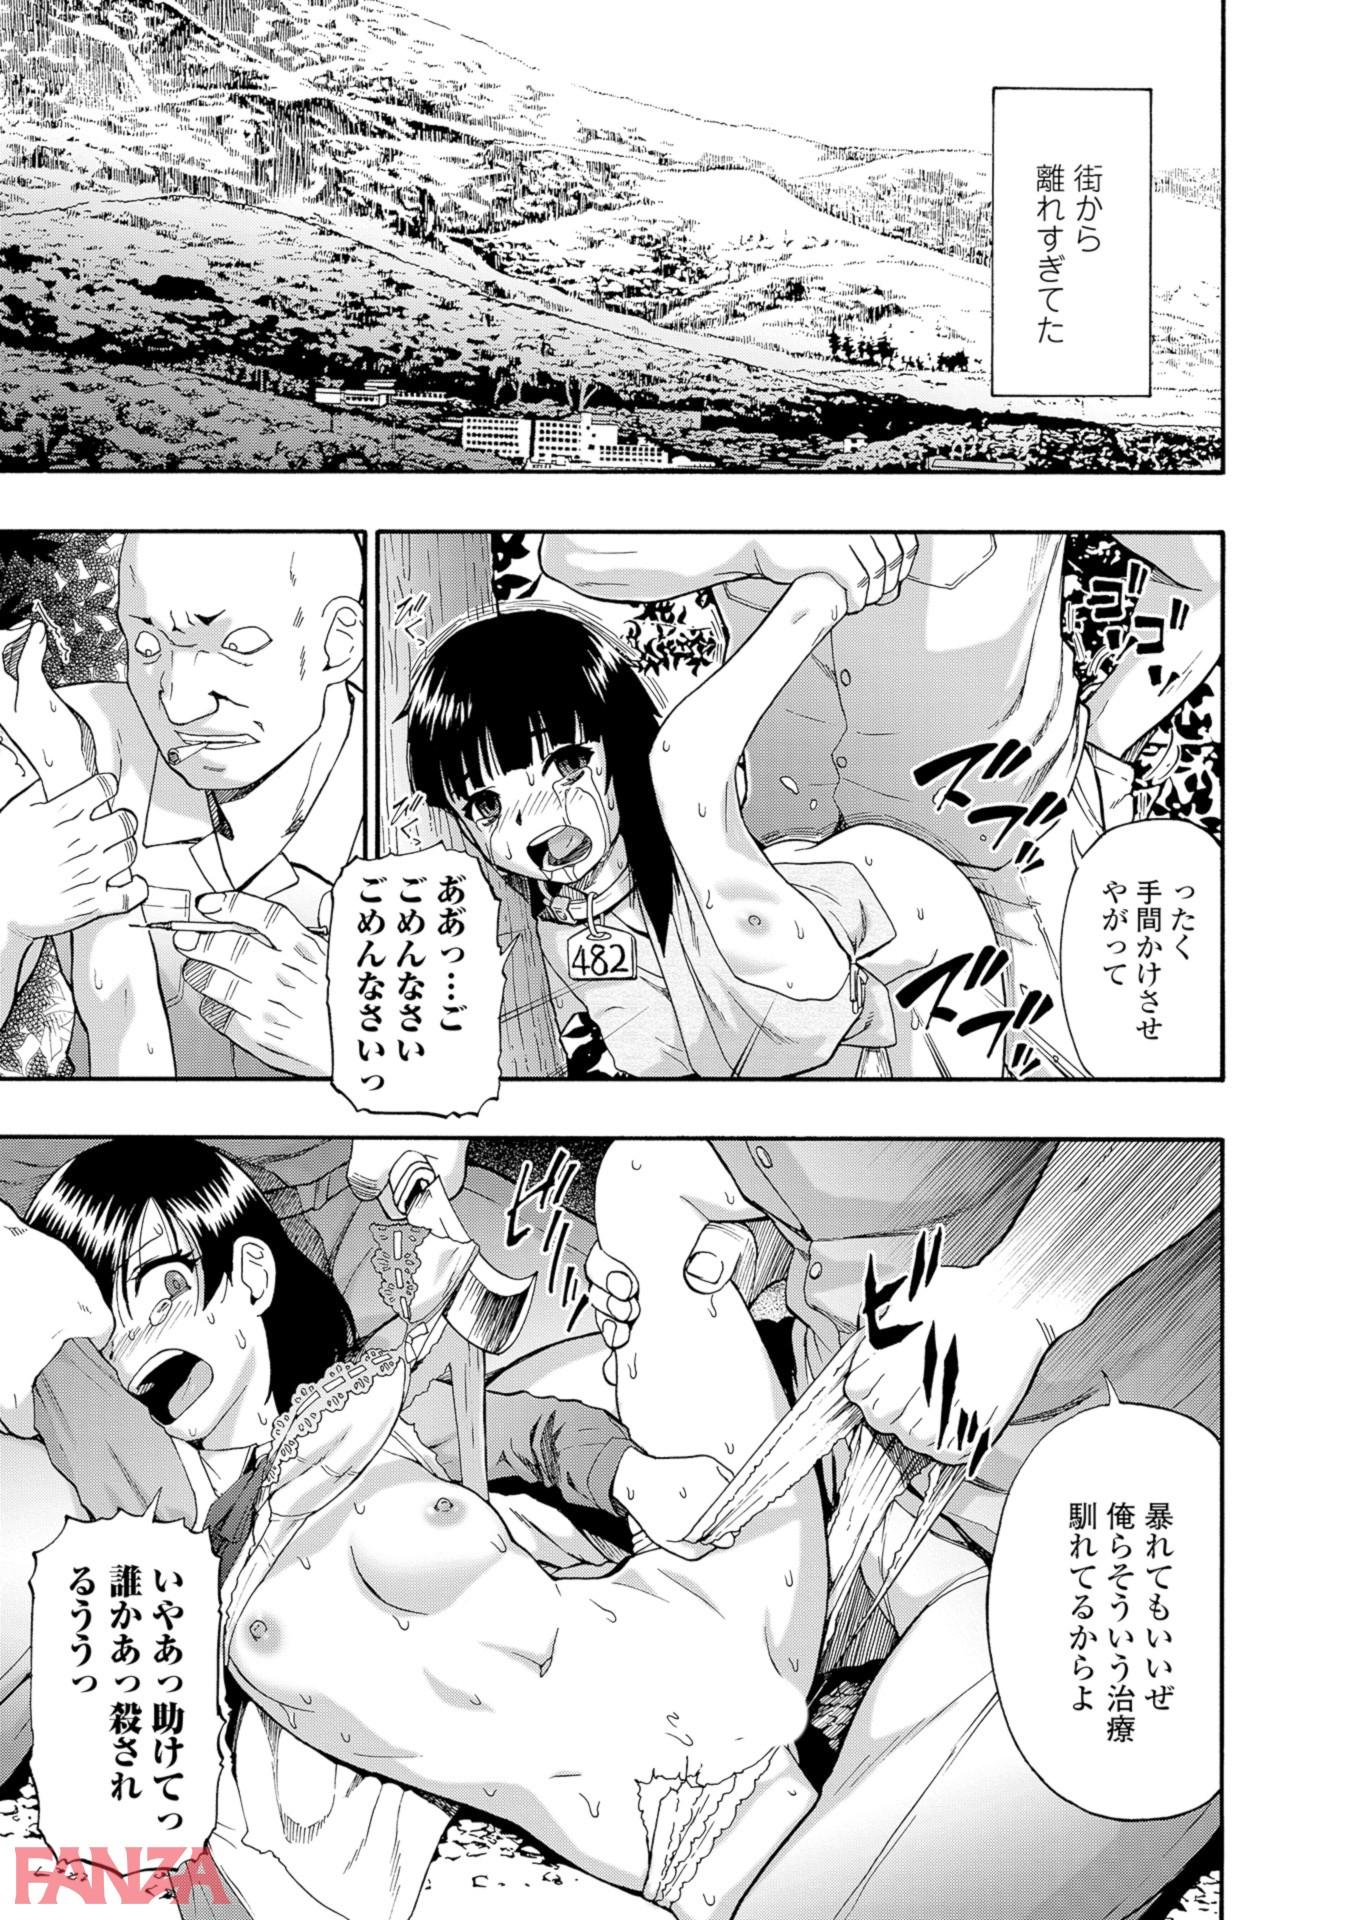 【エロ漫画無料大全集】【エロ漫画レイプ】山中の病院に拉致されたカップルが治療と称して輪姦レイプされちゃう…